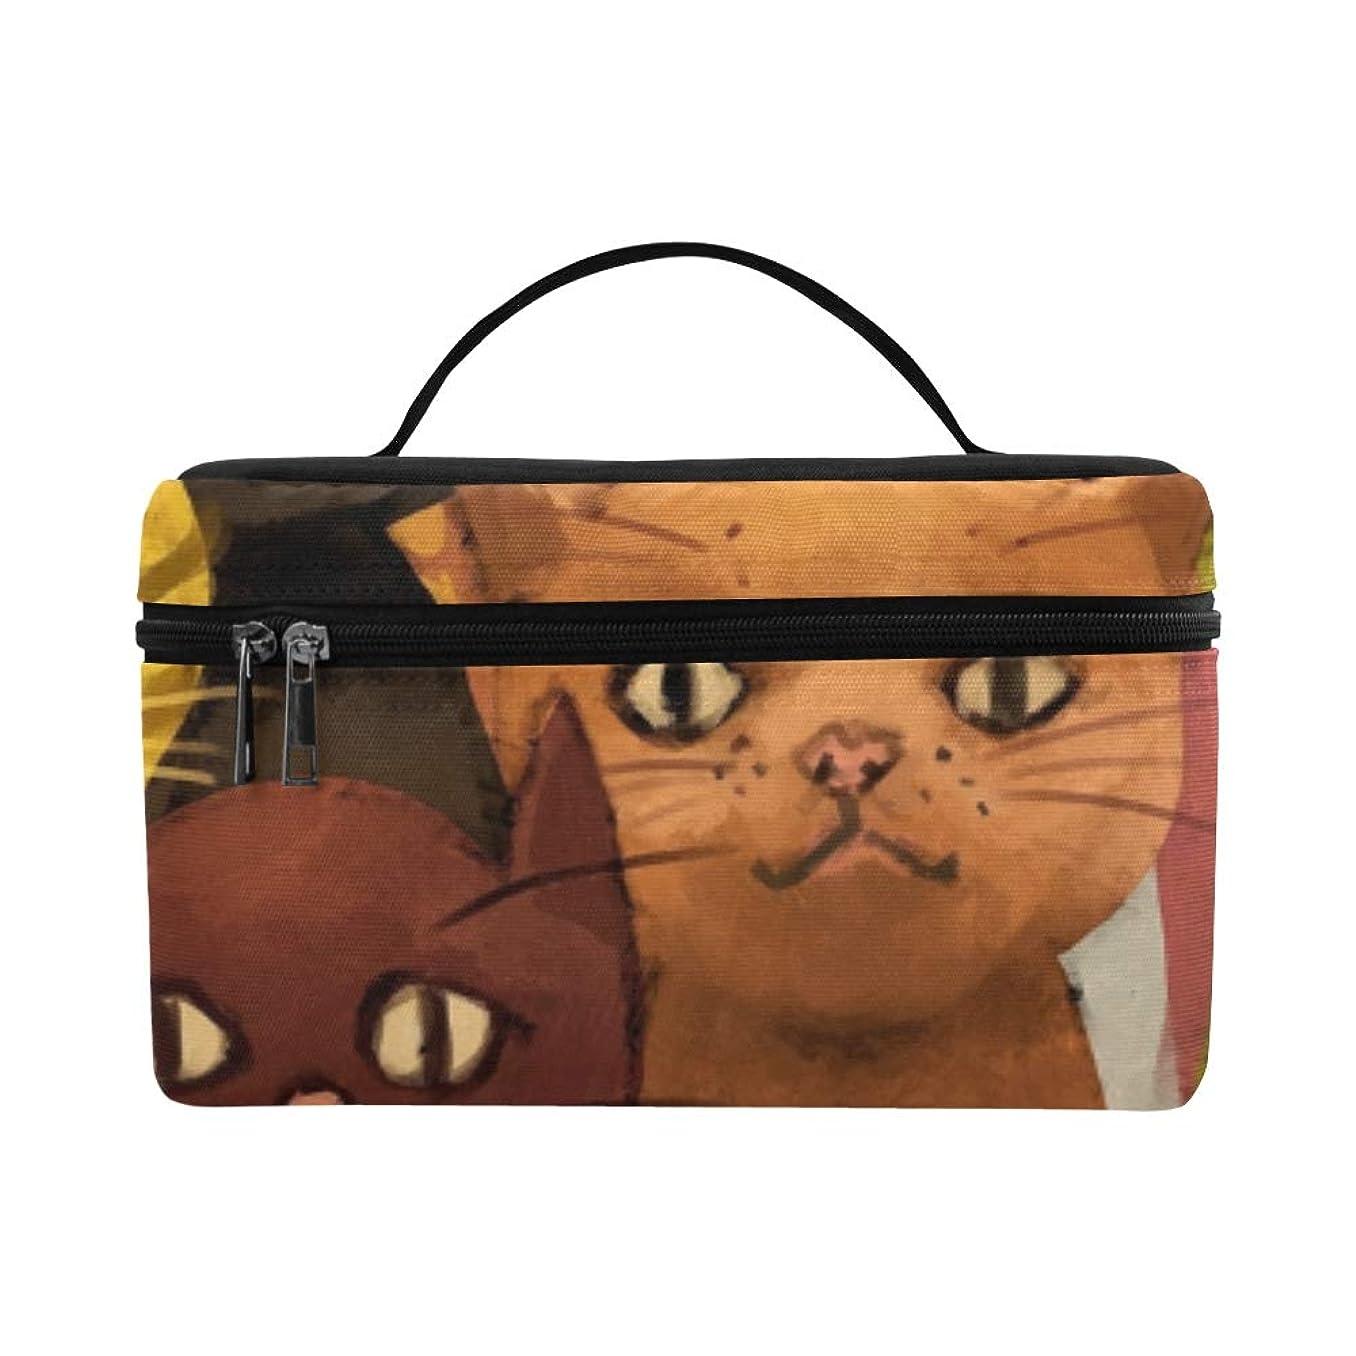 暴力孤独な目的GXMAN メイクボックス コスメ収納 化粧品収納ケース 大容量 収納ボックス 化粧品入れ 化粧バッグ 旅行用 メイクブラシバッグ 化粧箱 持ち運び便利 プロ用 可愛い動物 猫